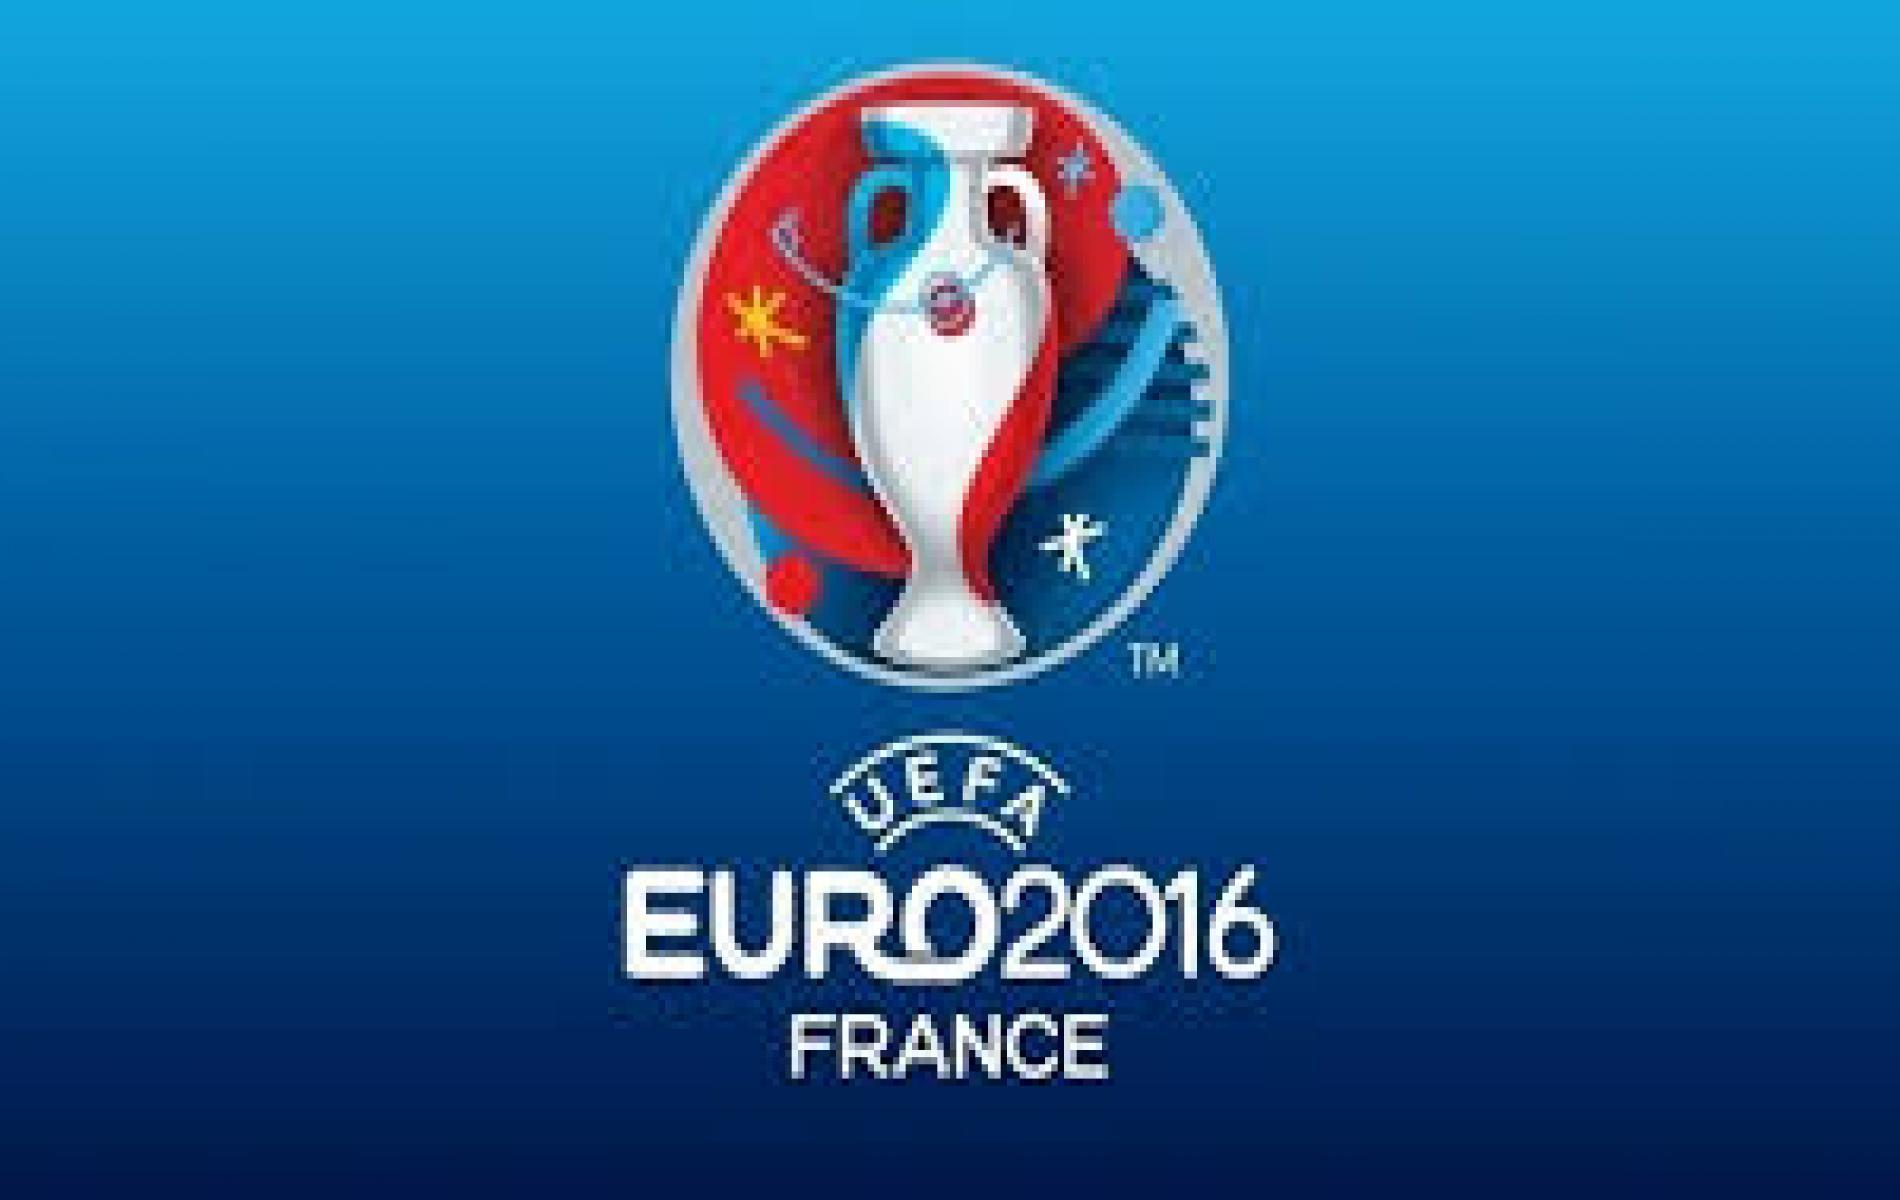 Coupe d'Europe de Football 2016